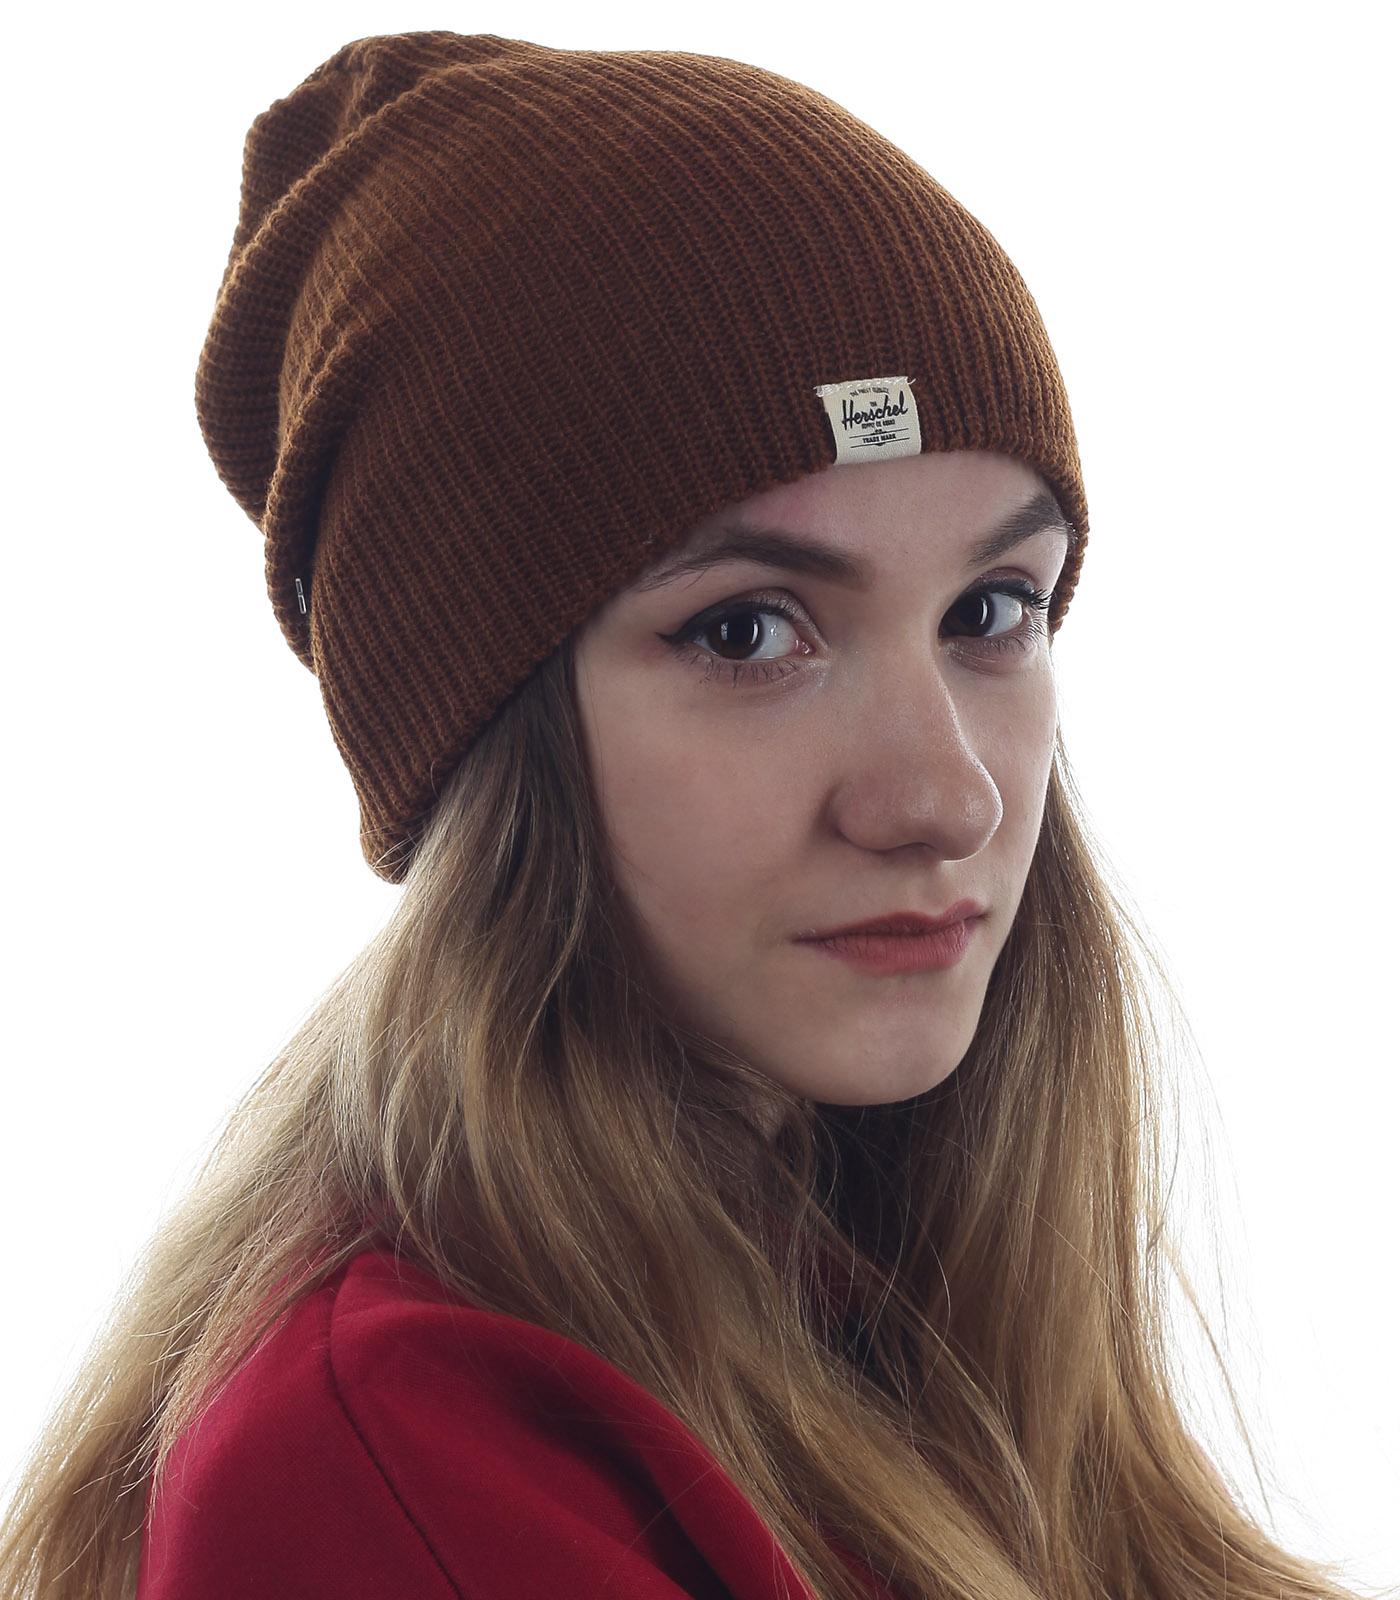 Практичная женская шапка Herschel. Брендовая вещь по символической цене